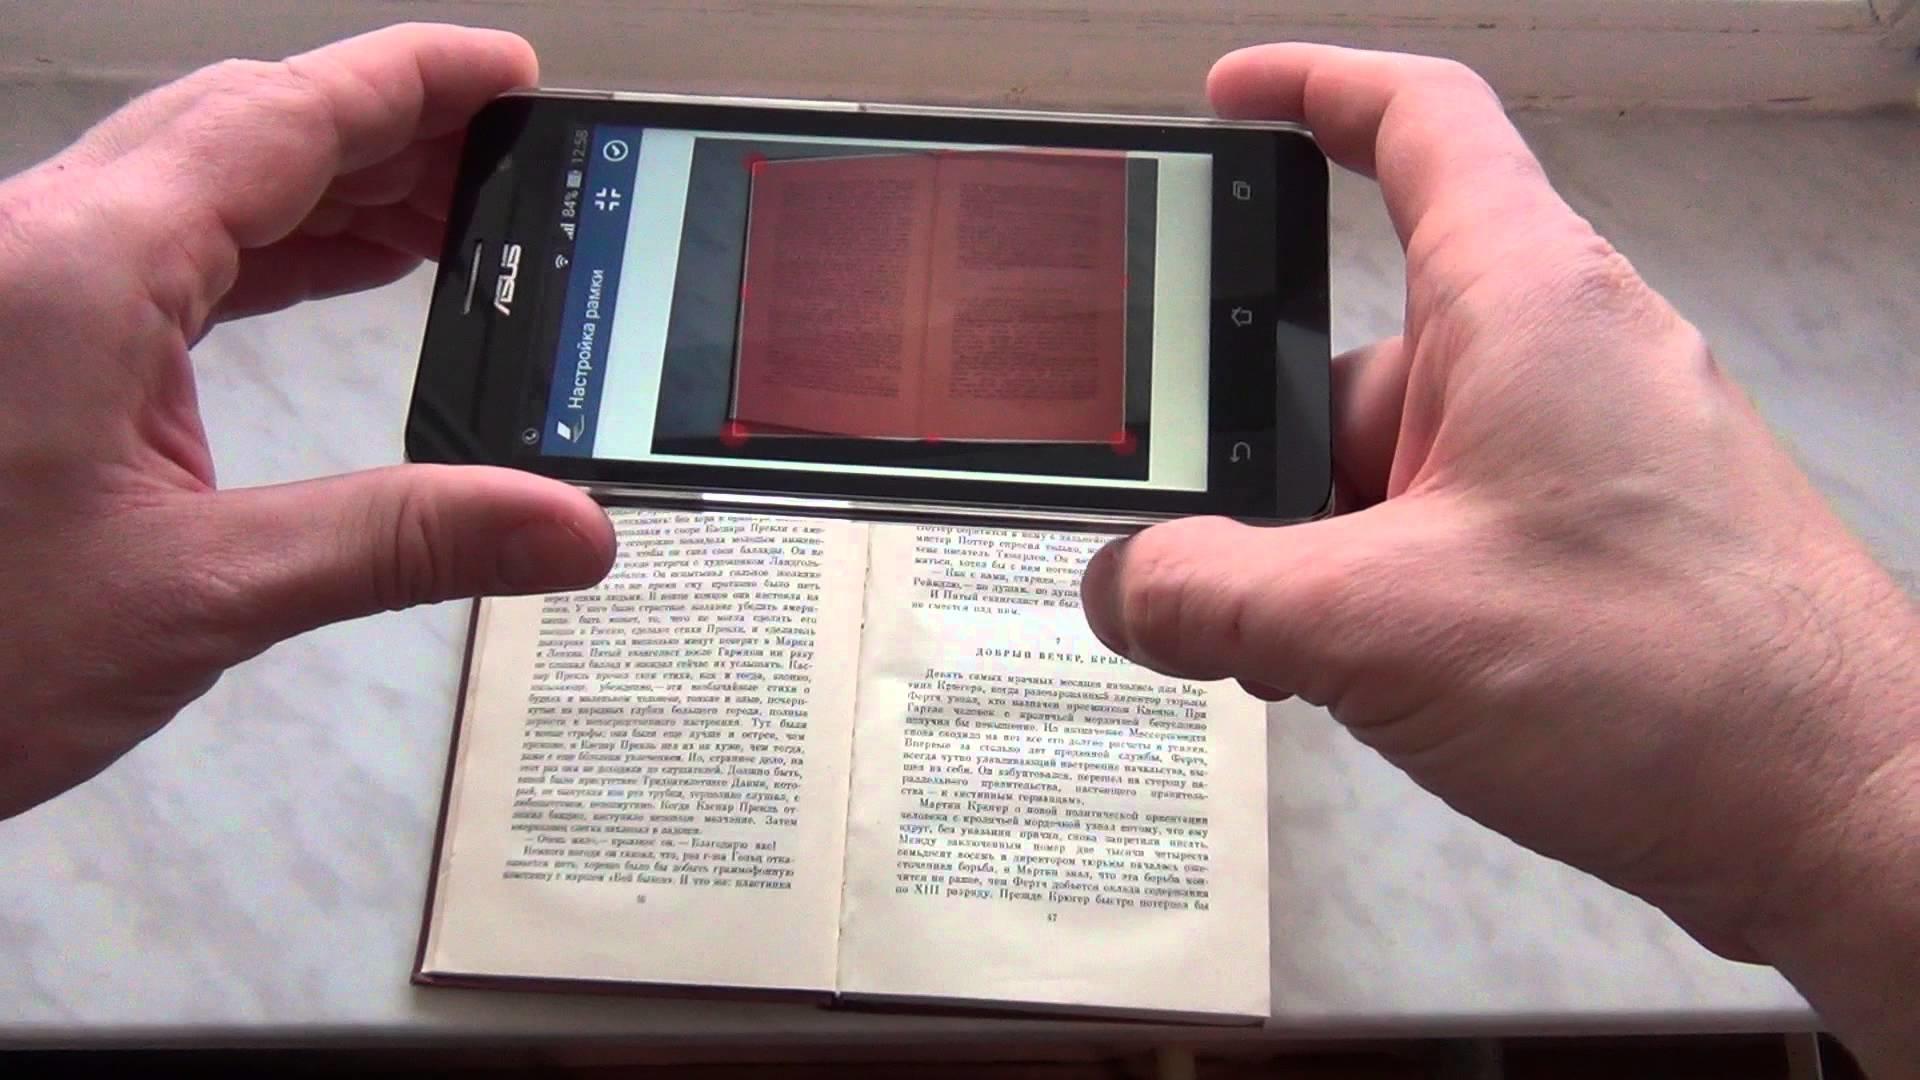 Как сканировать и сохранять документы в PDF с помощью смартфона?